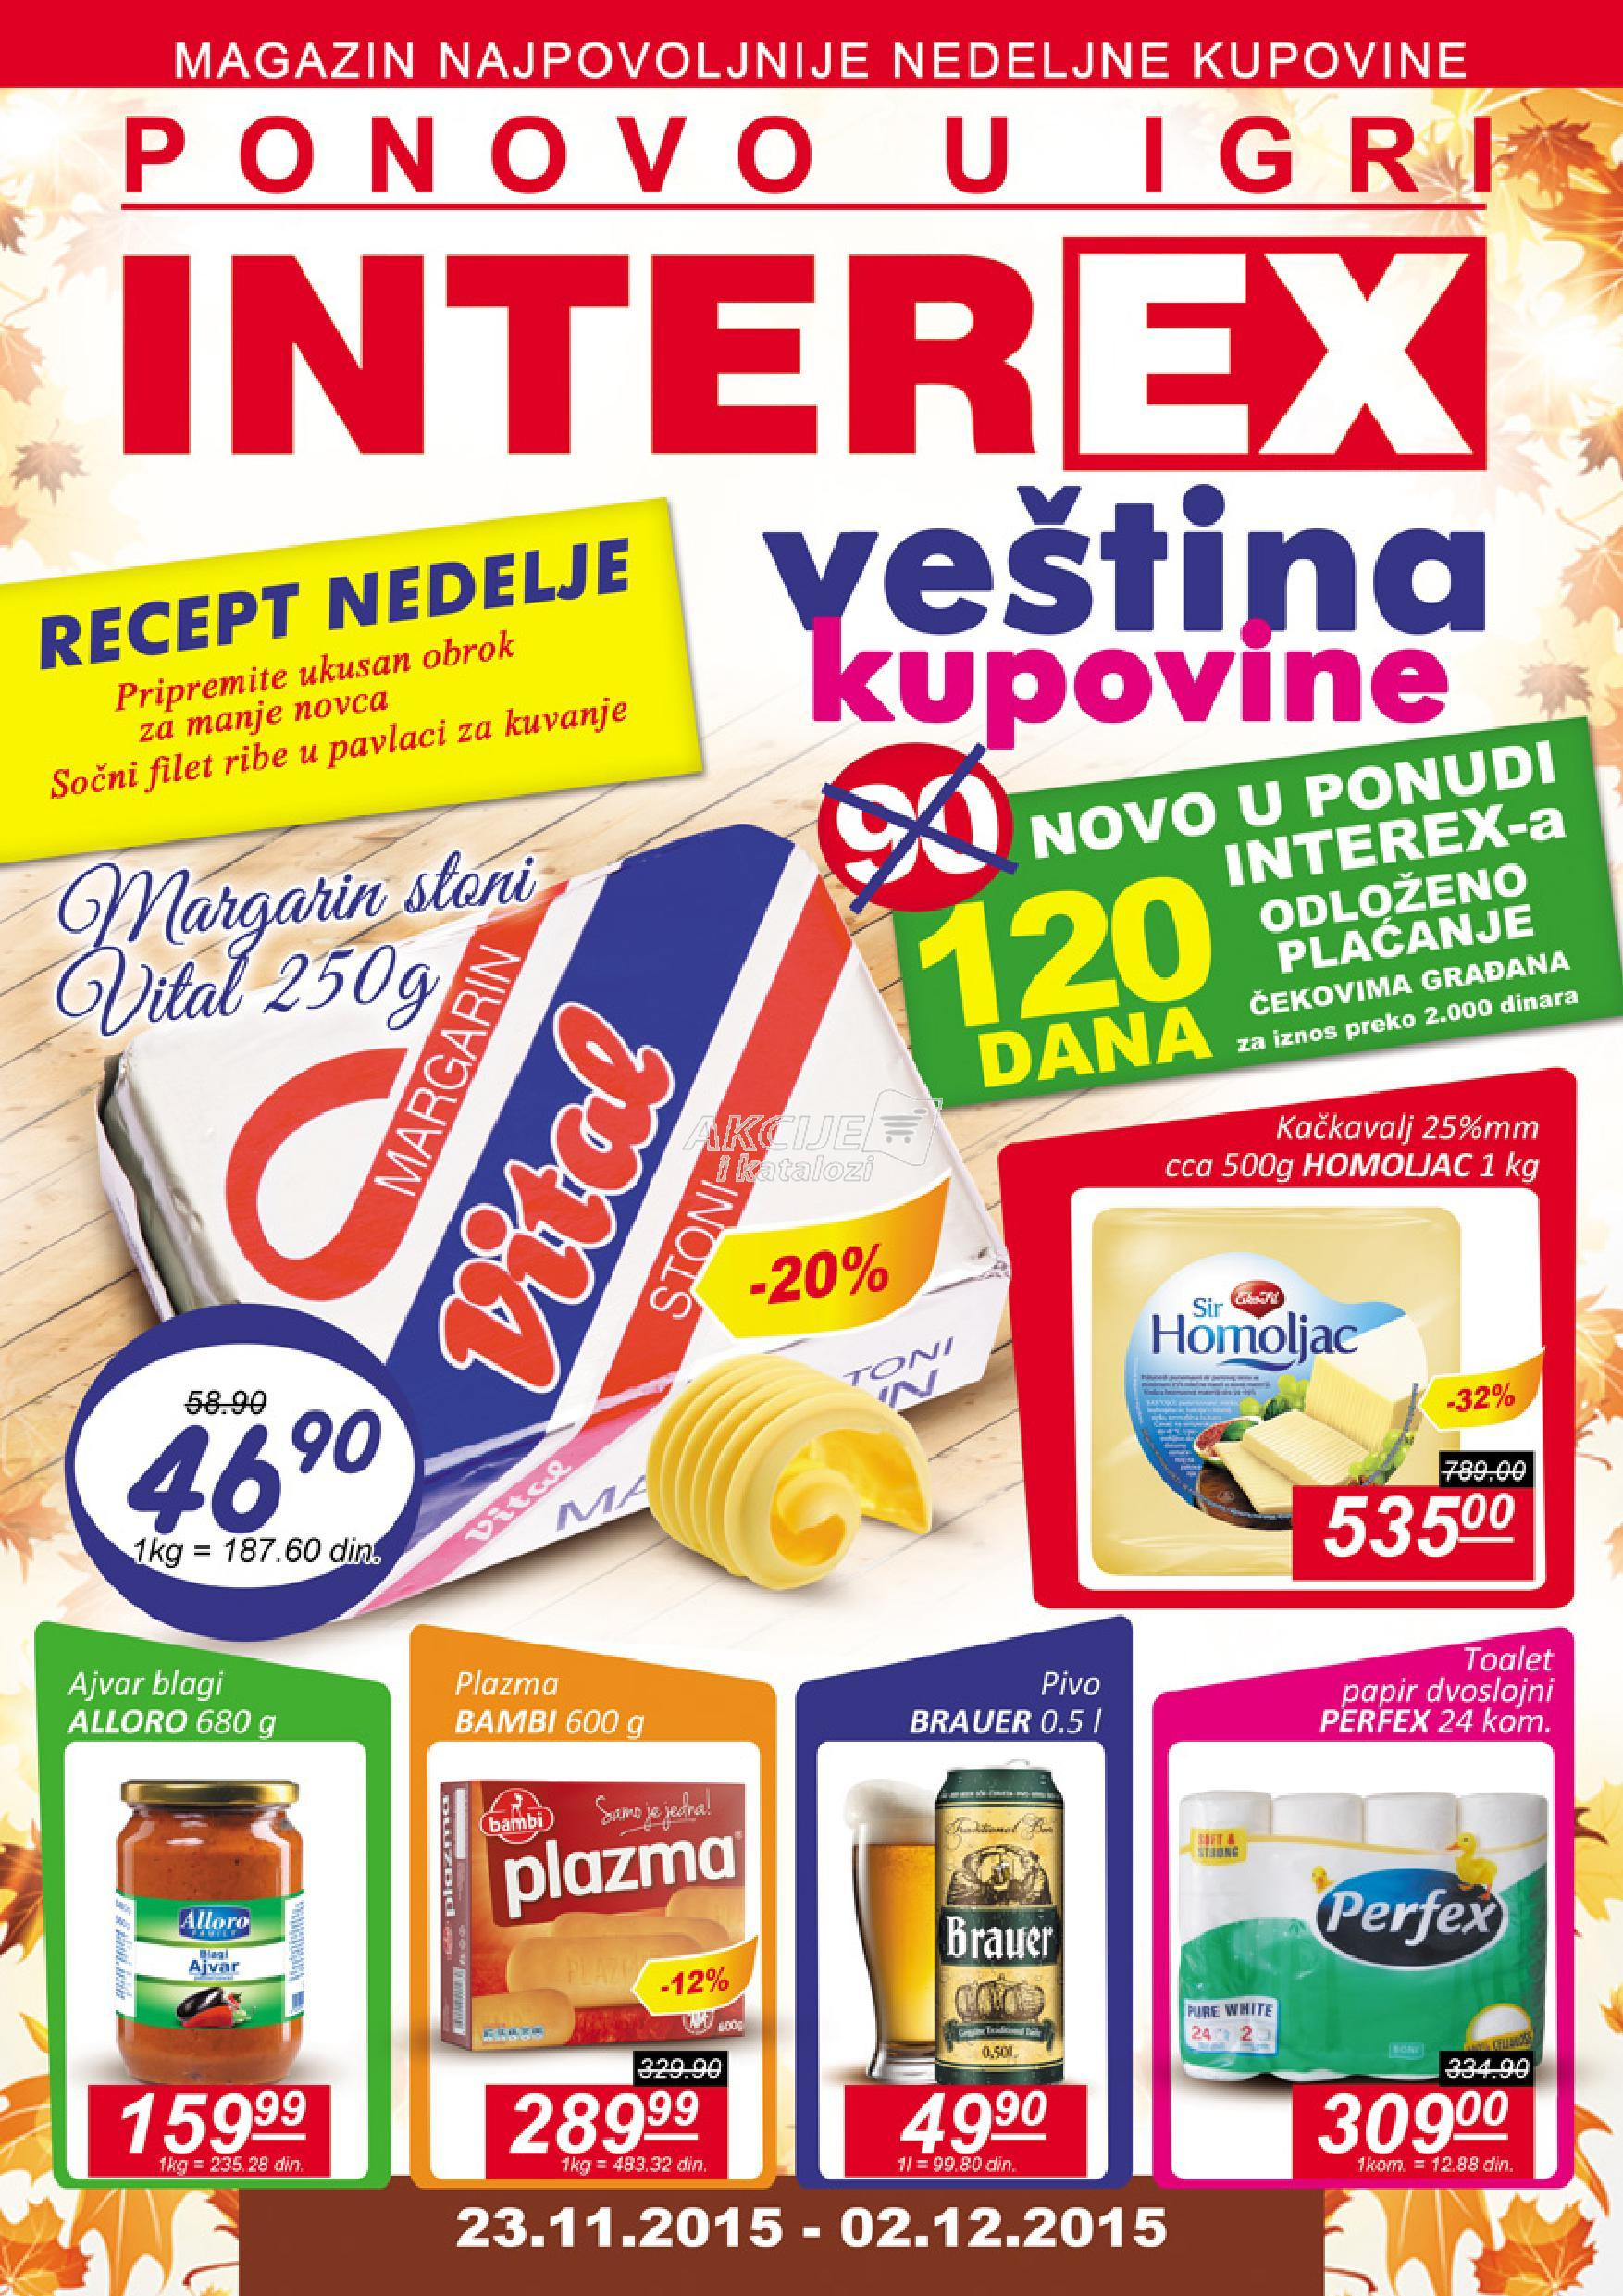 Interex - Redovna akcija super kupovine